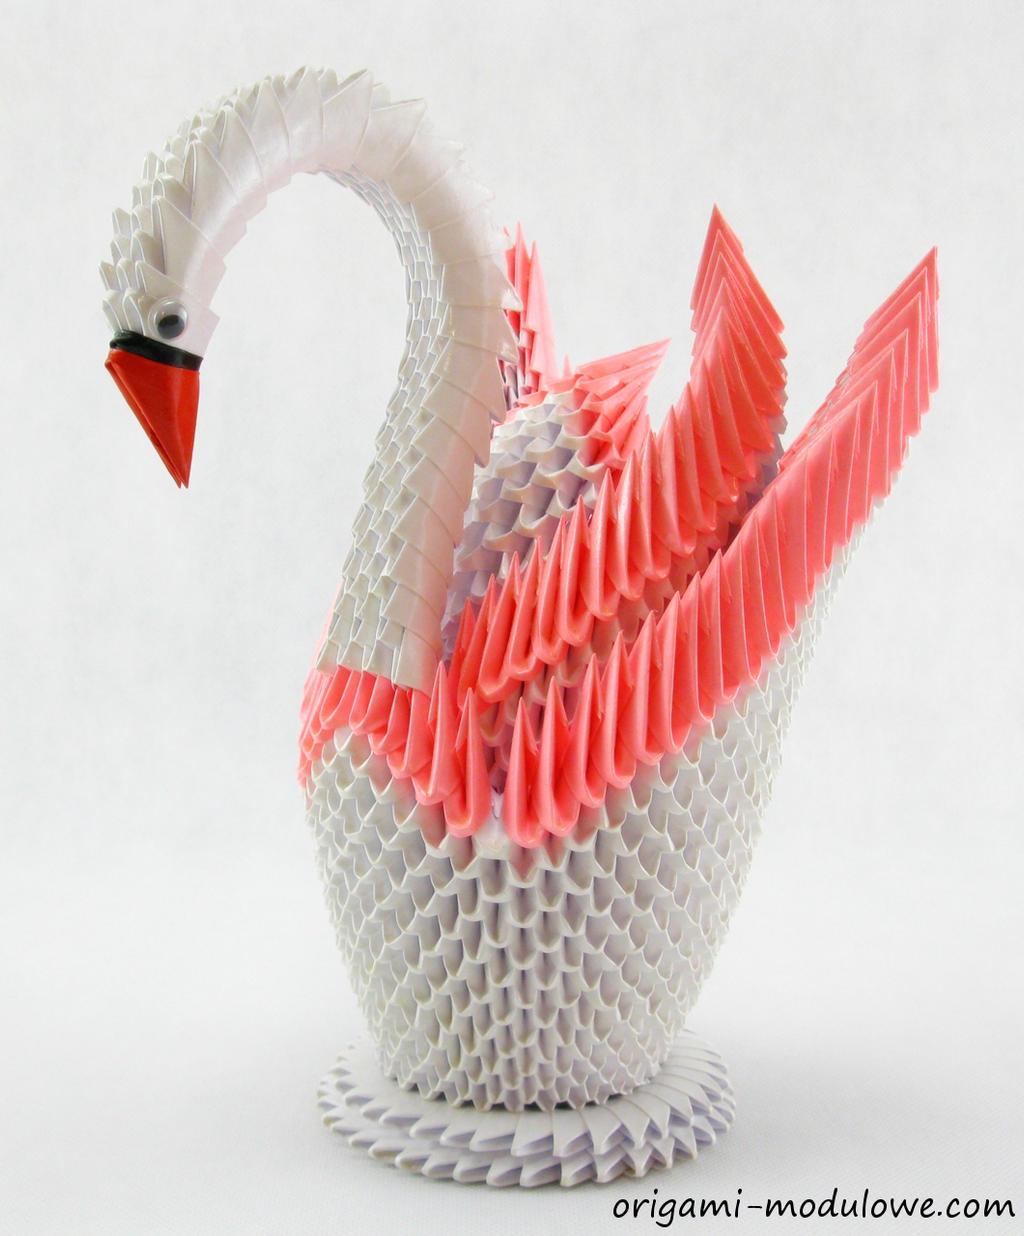 Модульное оригами для начинающих из бумаги: пошаговая